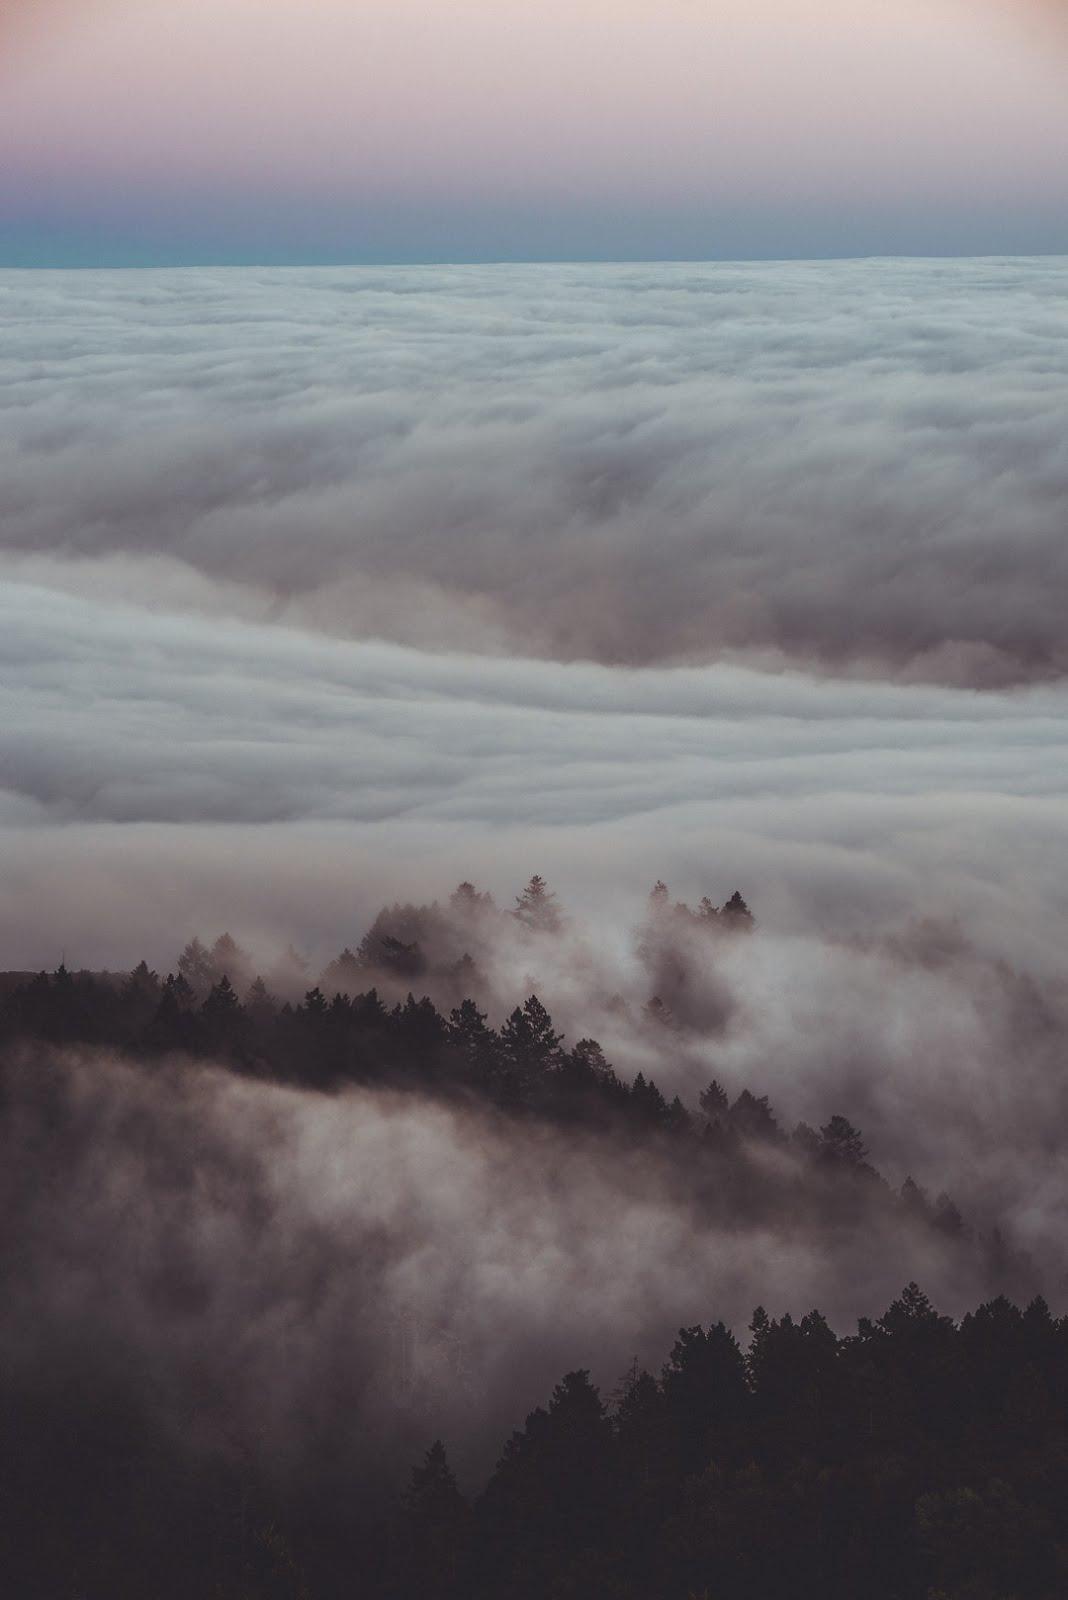 قمم جبال مع ضباب كثيف جميل و سماء هادئة - خلفيات ايفون X